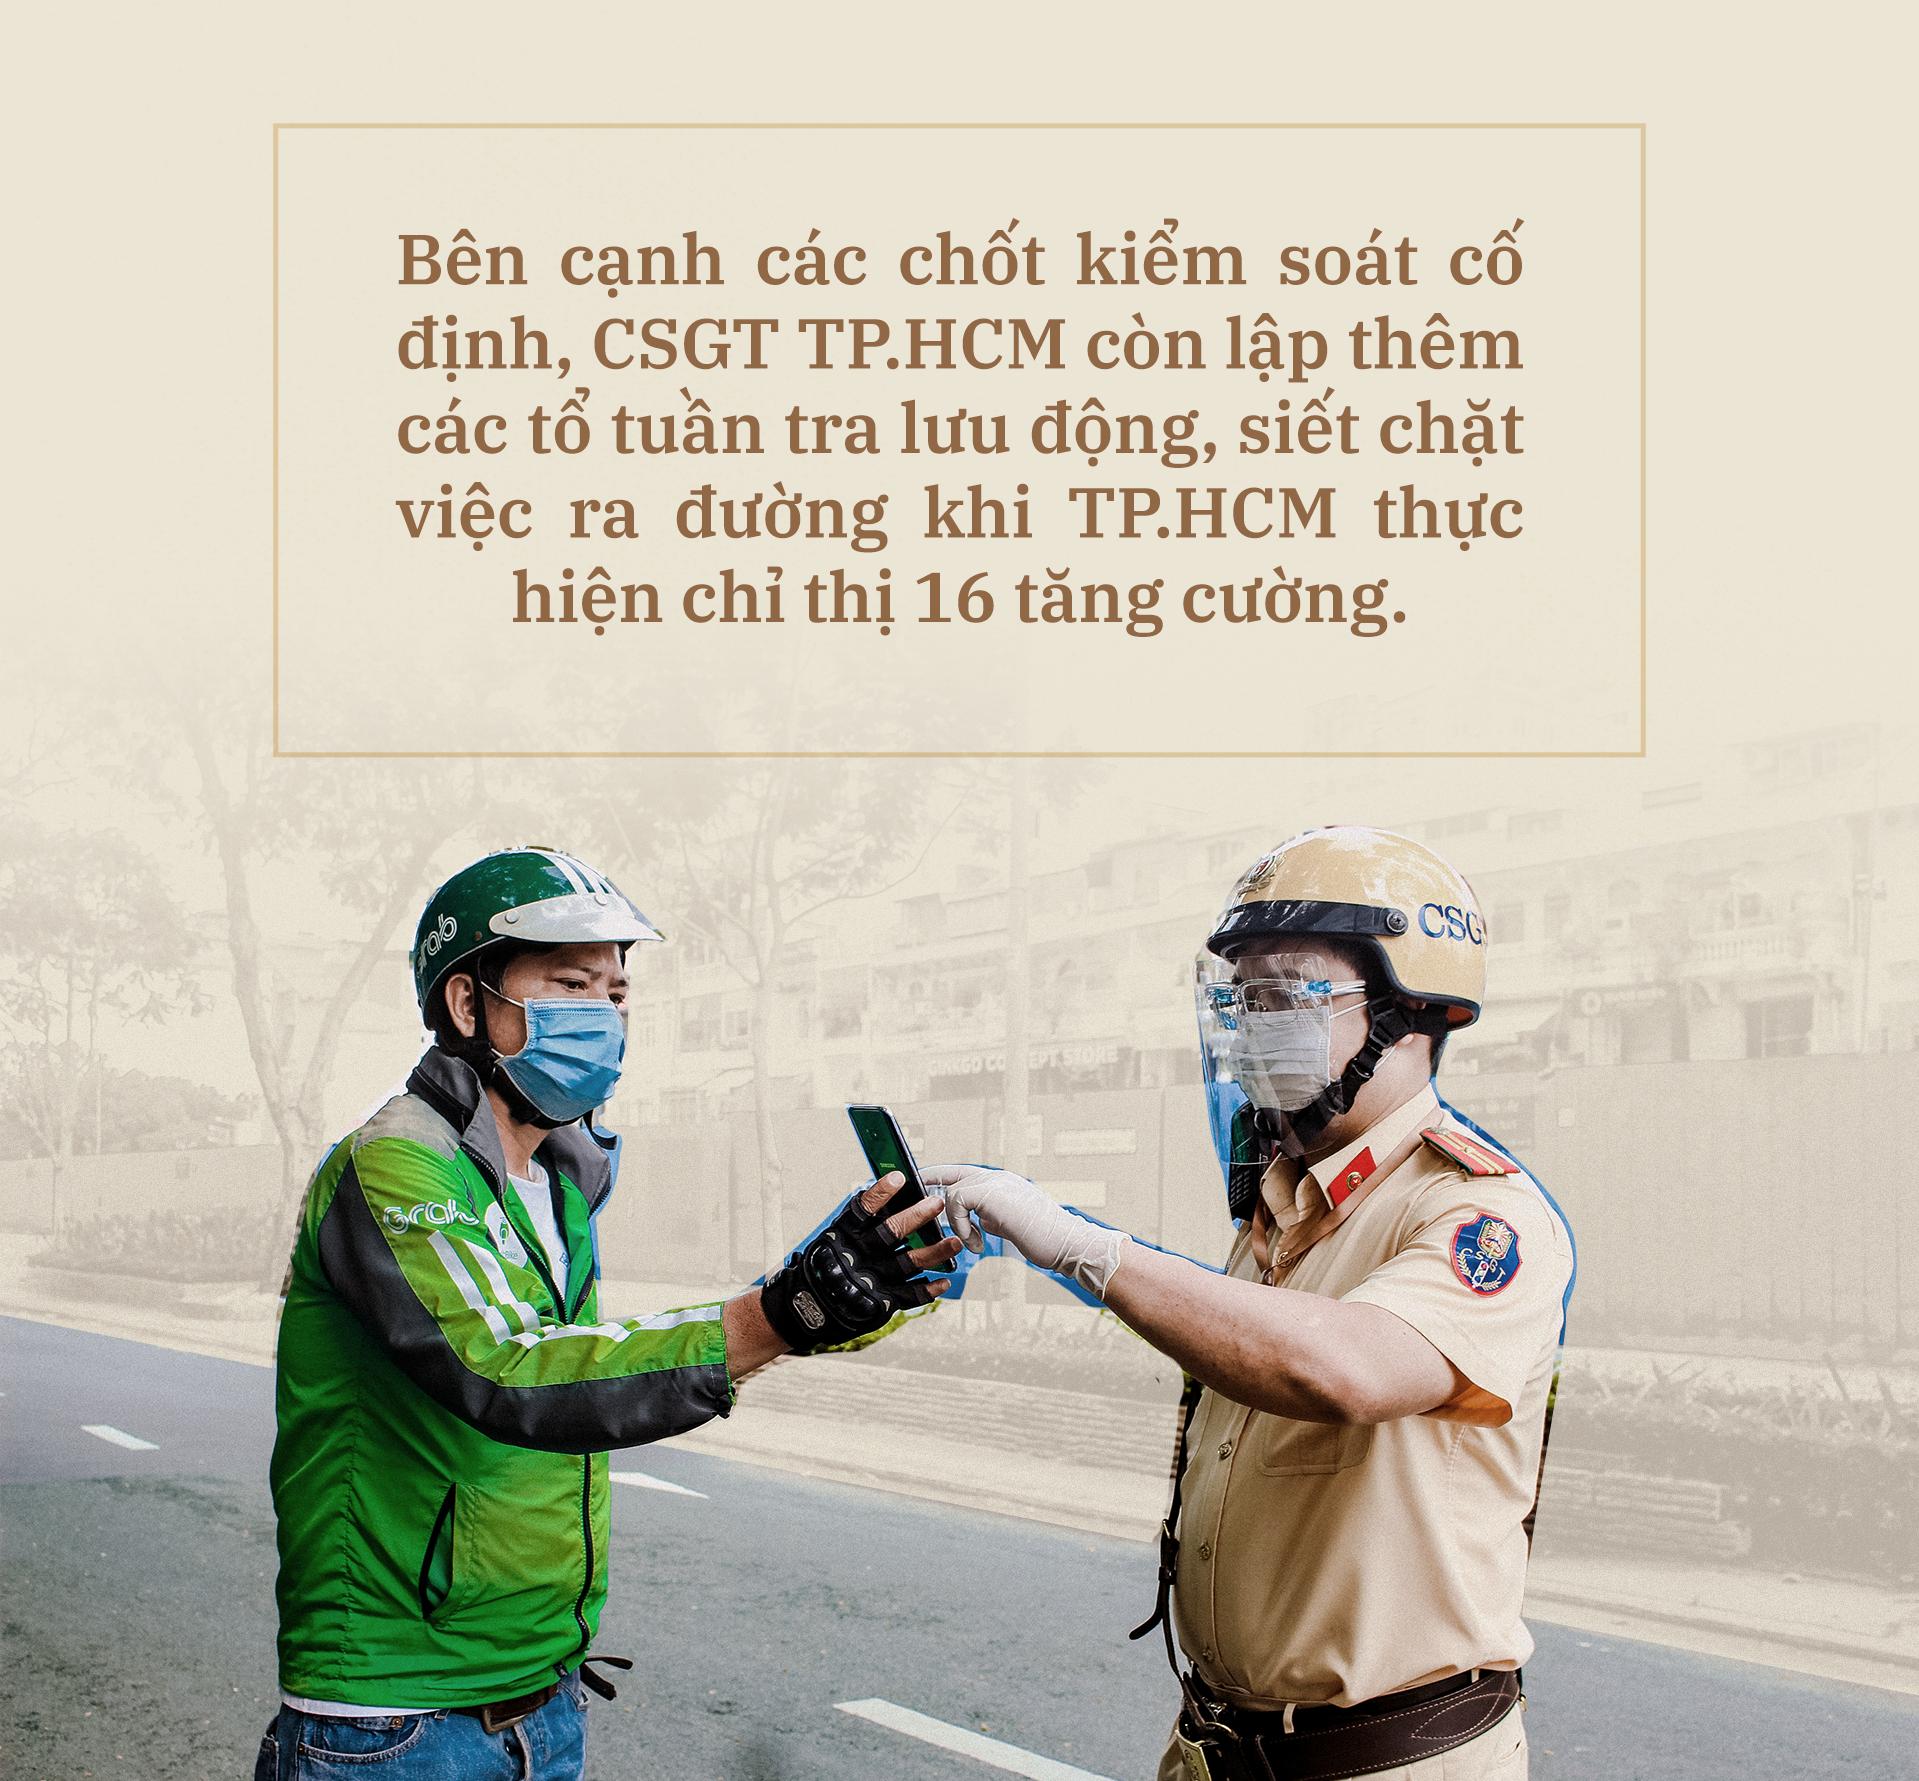 Emagazine: CSGT TP.HCM - Tấm lá chắn trong cuộc chiến với COVID-19 - ảnh 3